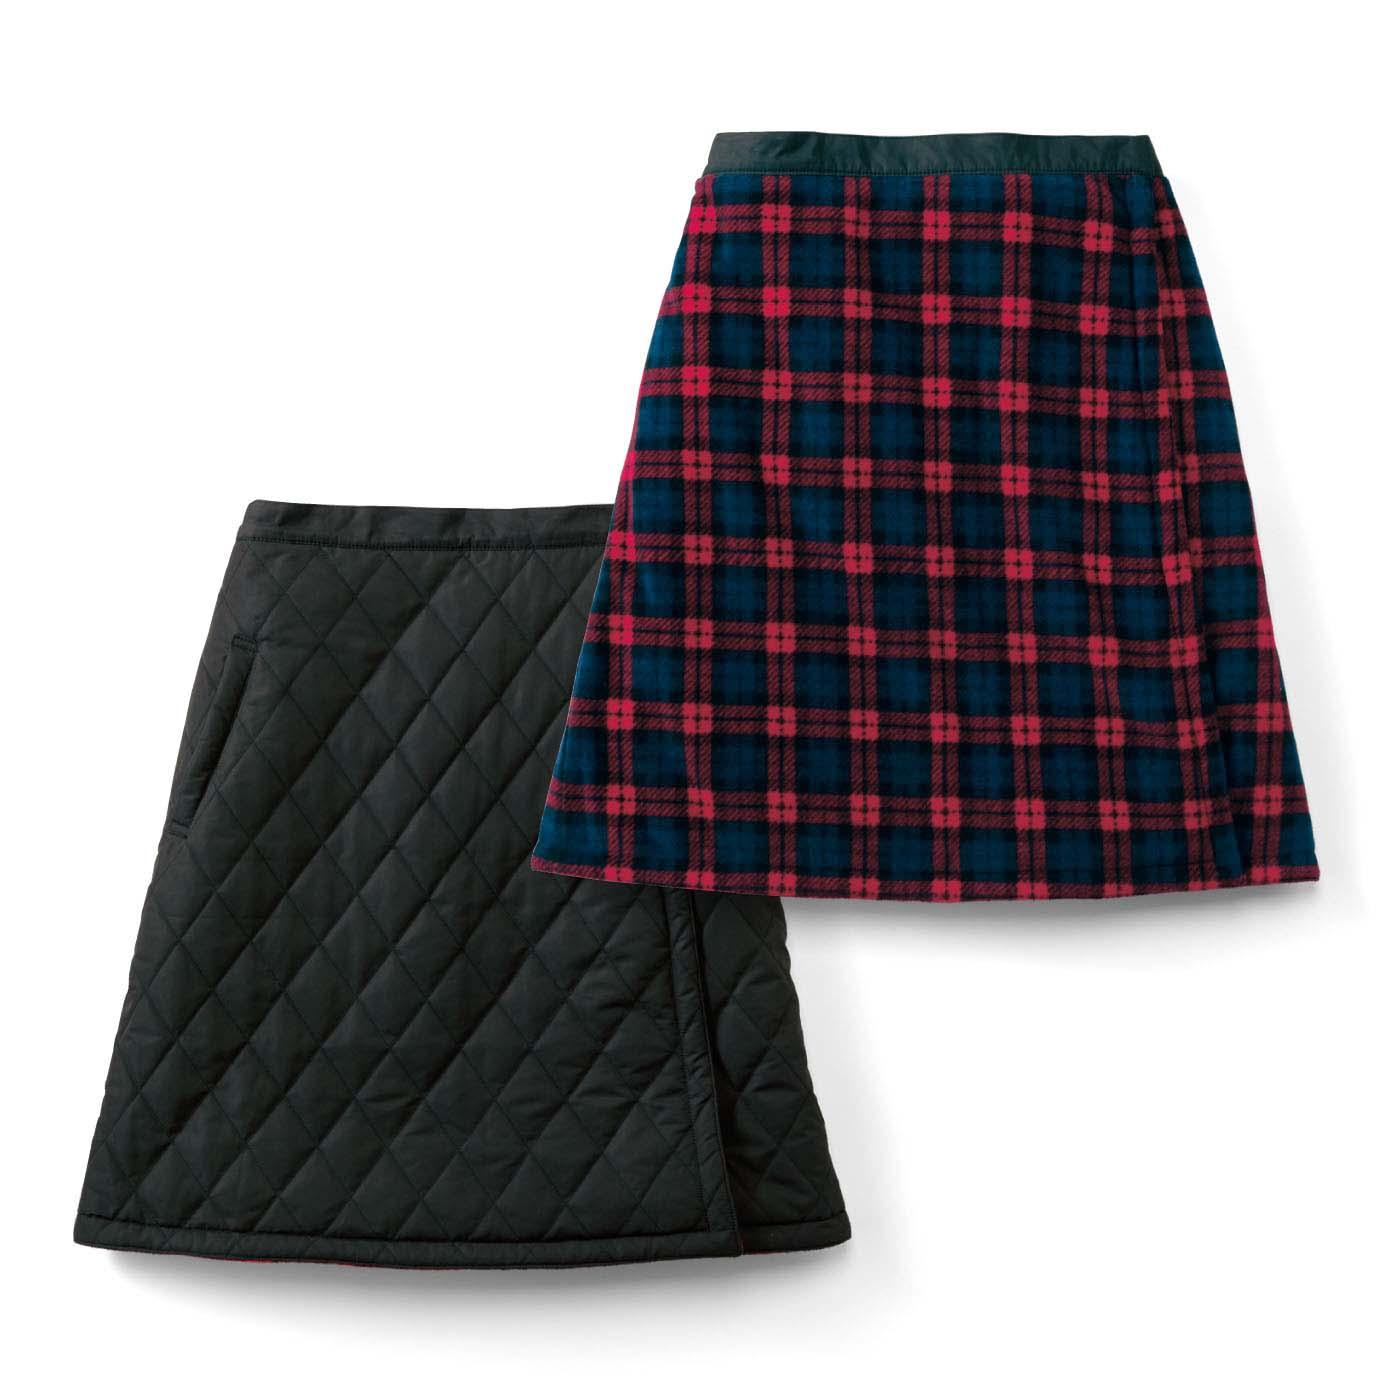 フェリシモ リブ イン コンフォート キルティング&フリースの リバーシブル巻きスカート〈ブラックxレッドチェック〉